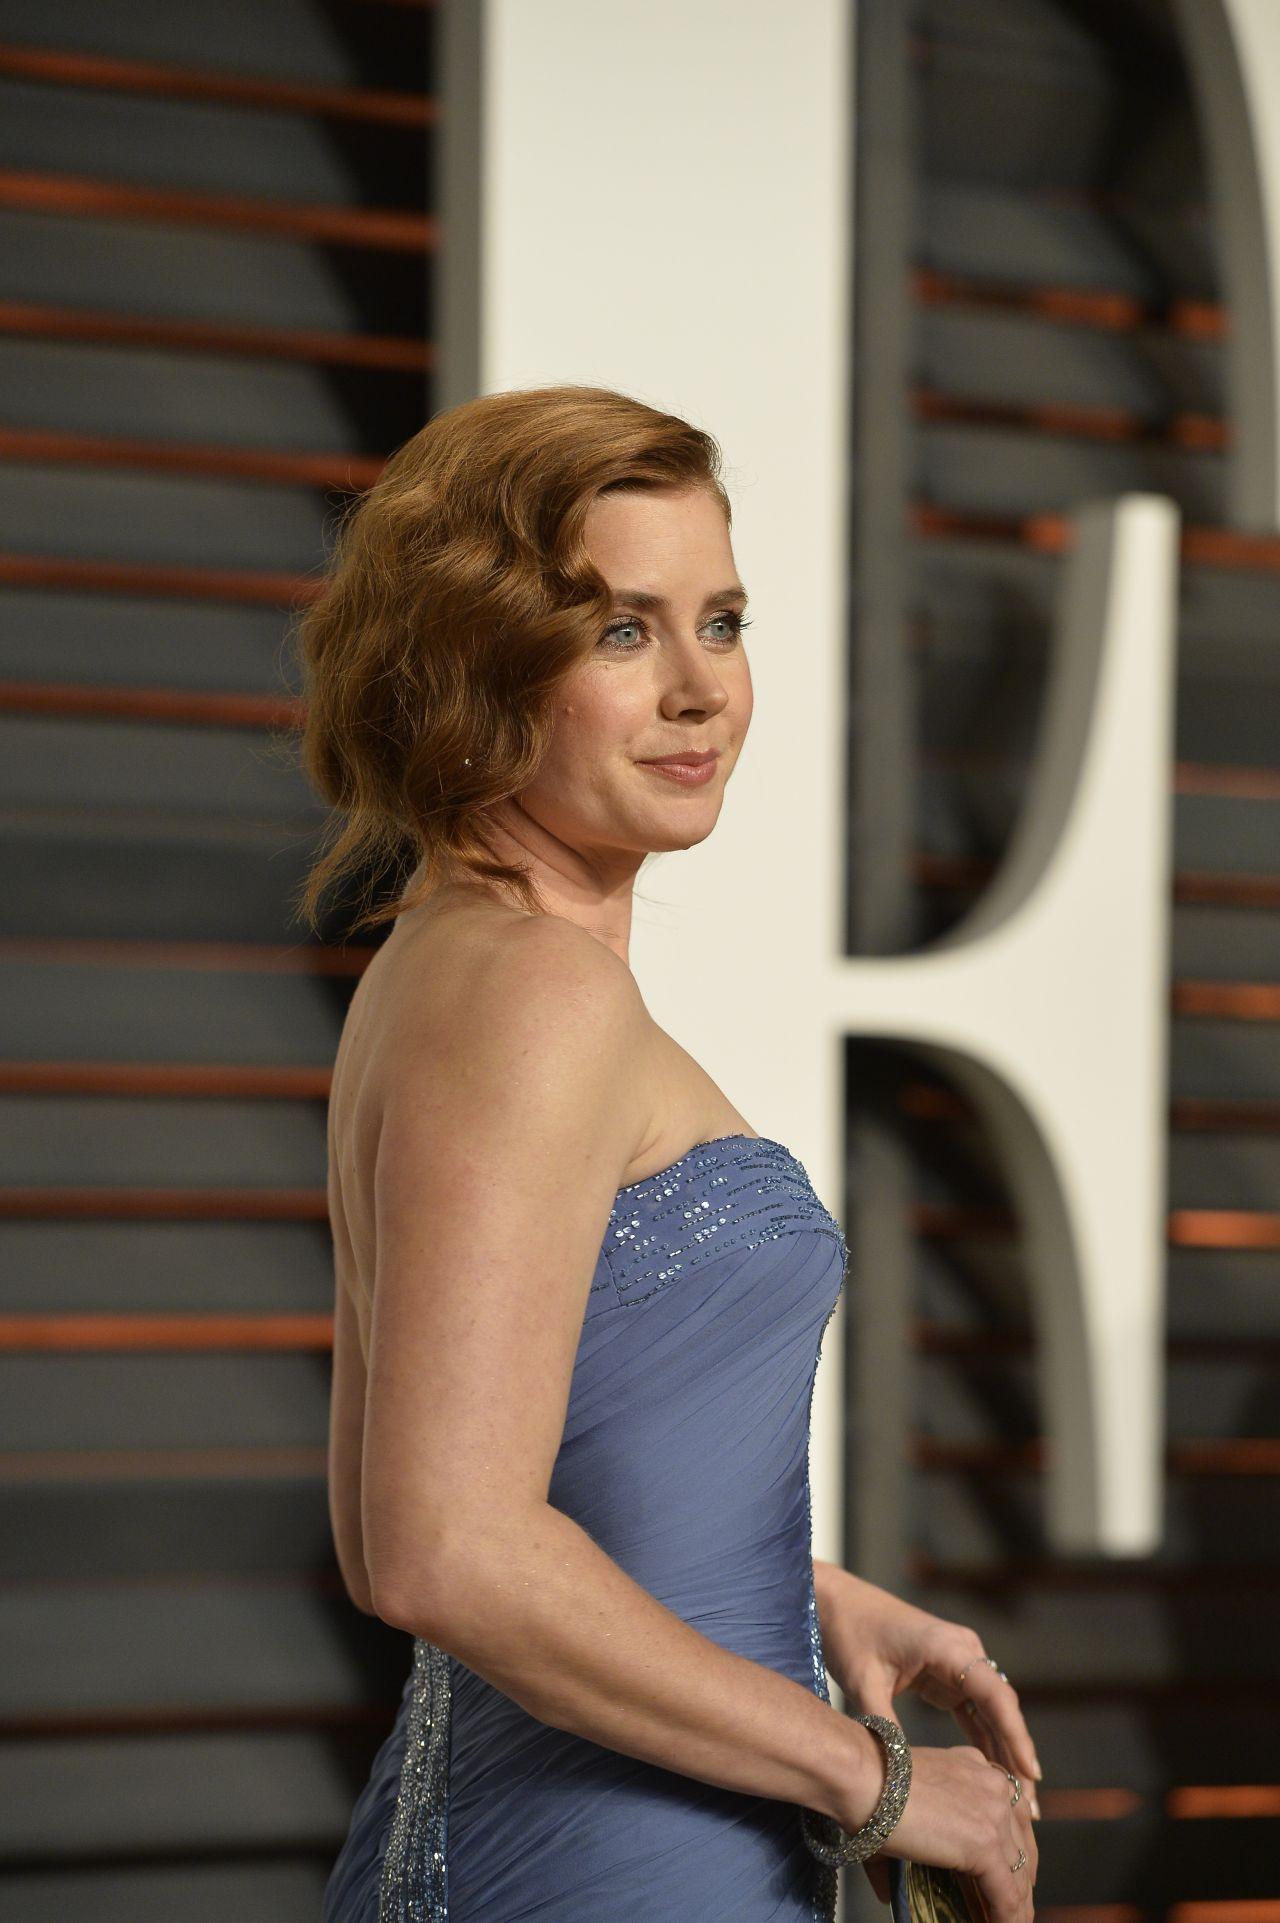 Amy Adams - 2015 Vanity Fair Oscar Party in Hollywood Amy Adams Vanity Fair Photoshoot